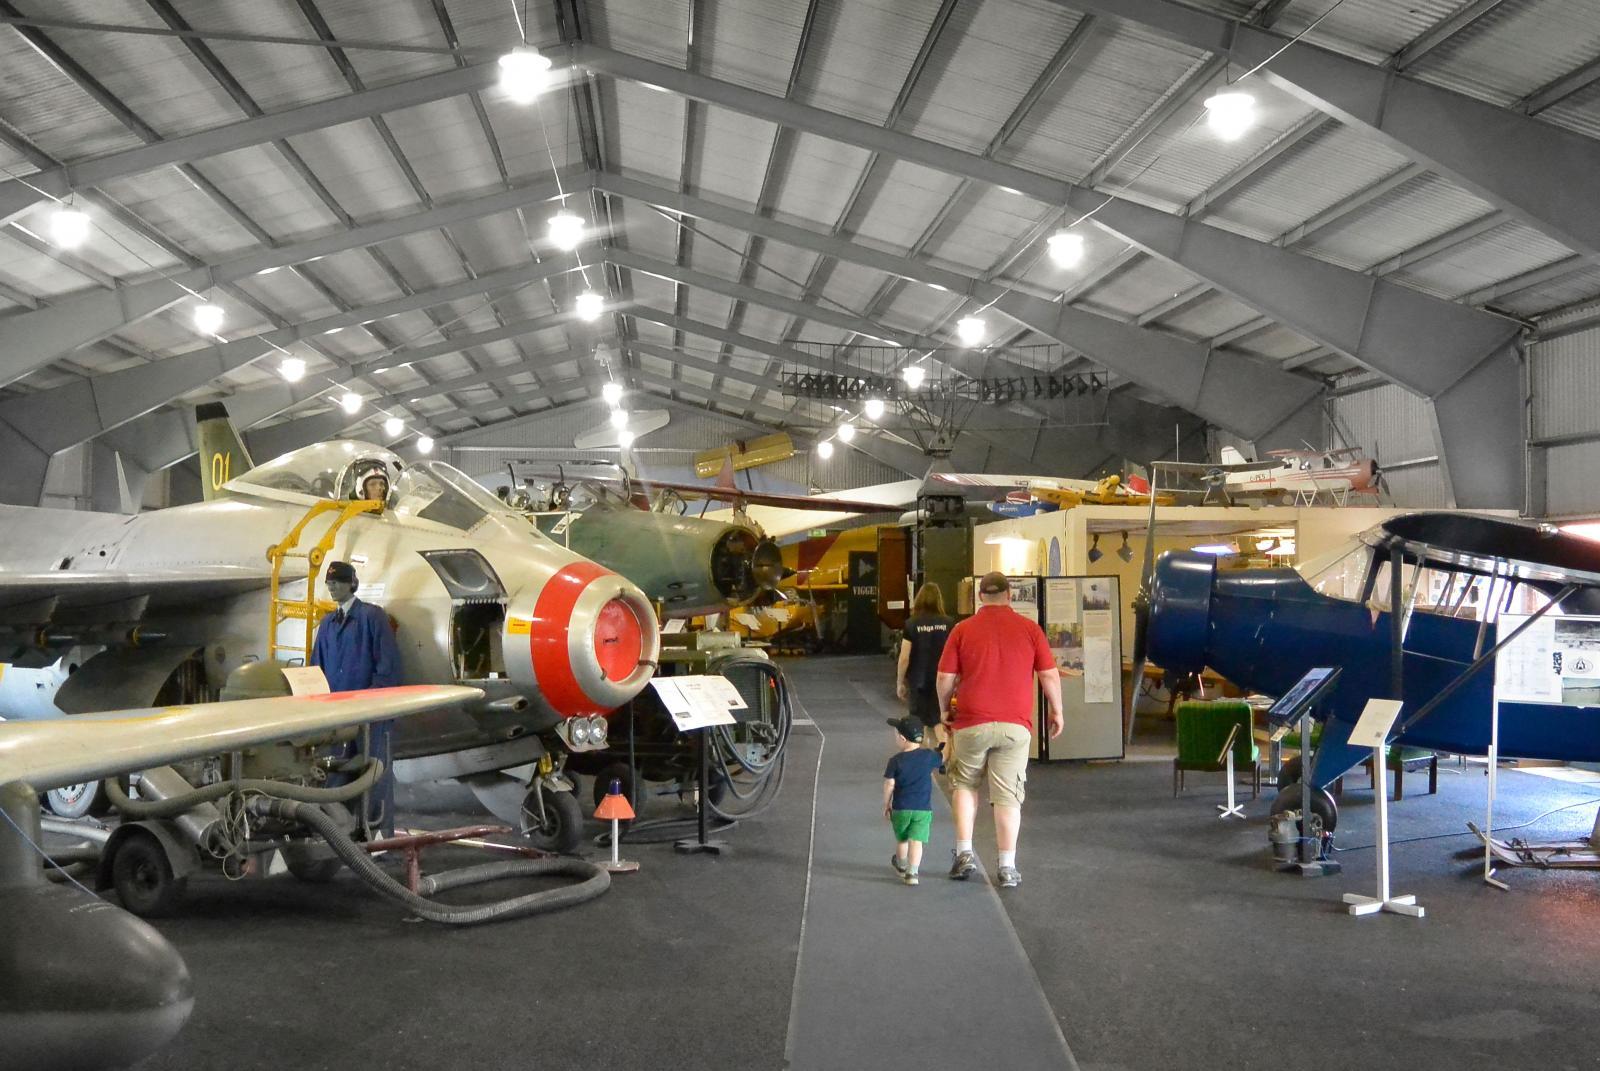 Byggnaden Flyg & Lotta rymmer bland annat ett trettiotal flygmaskiner.